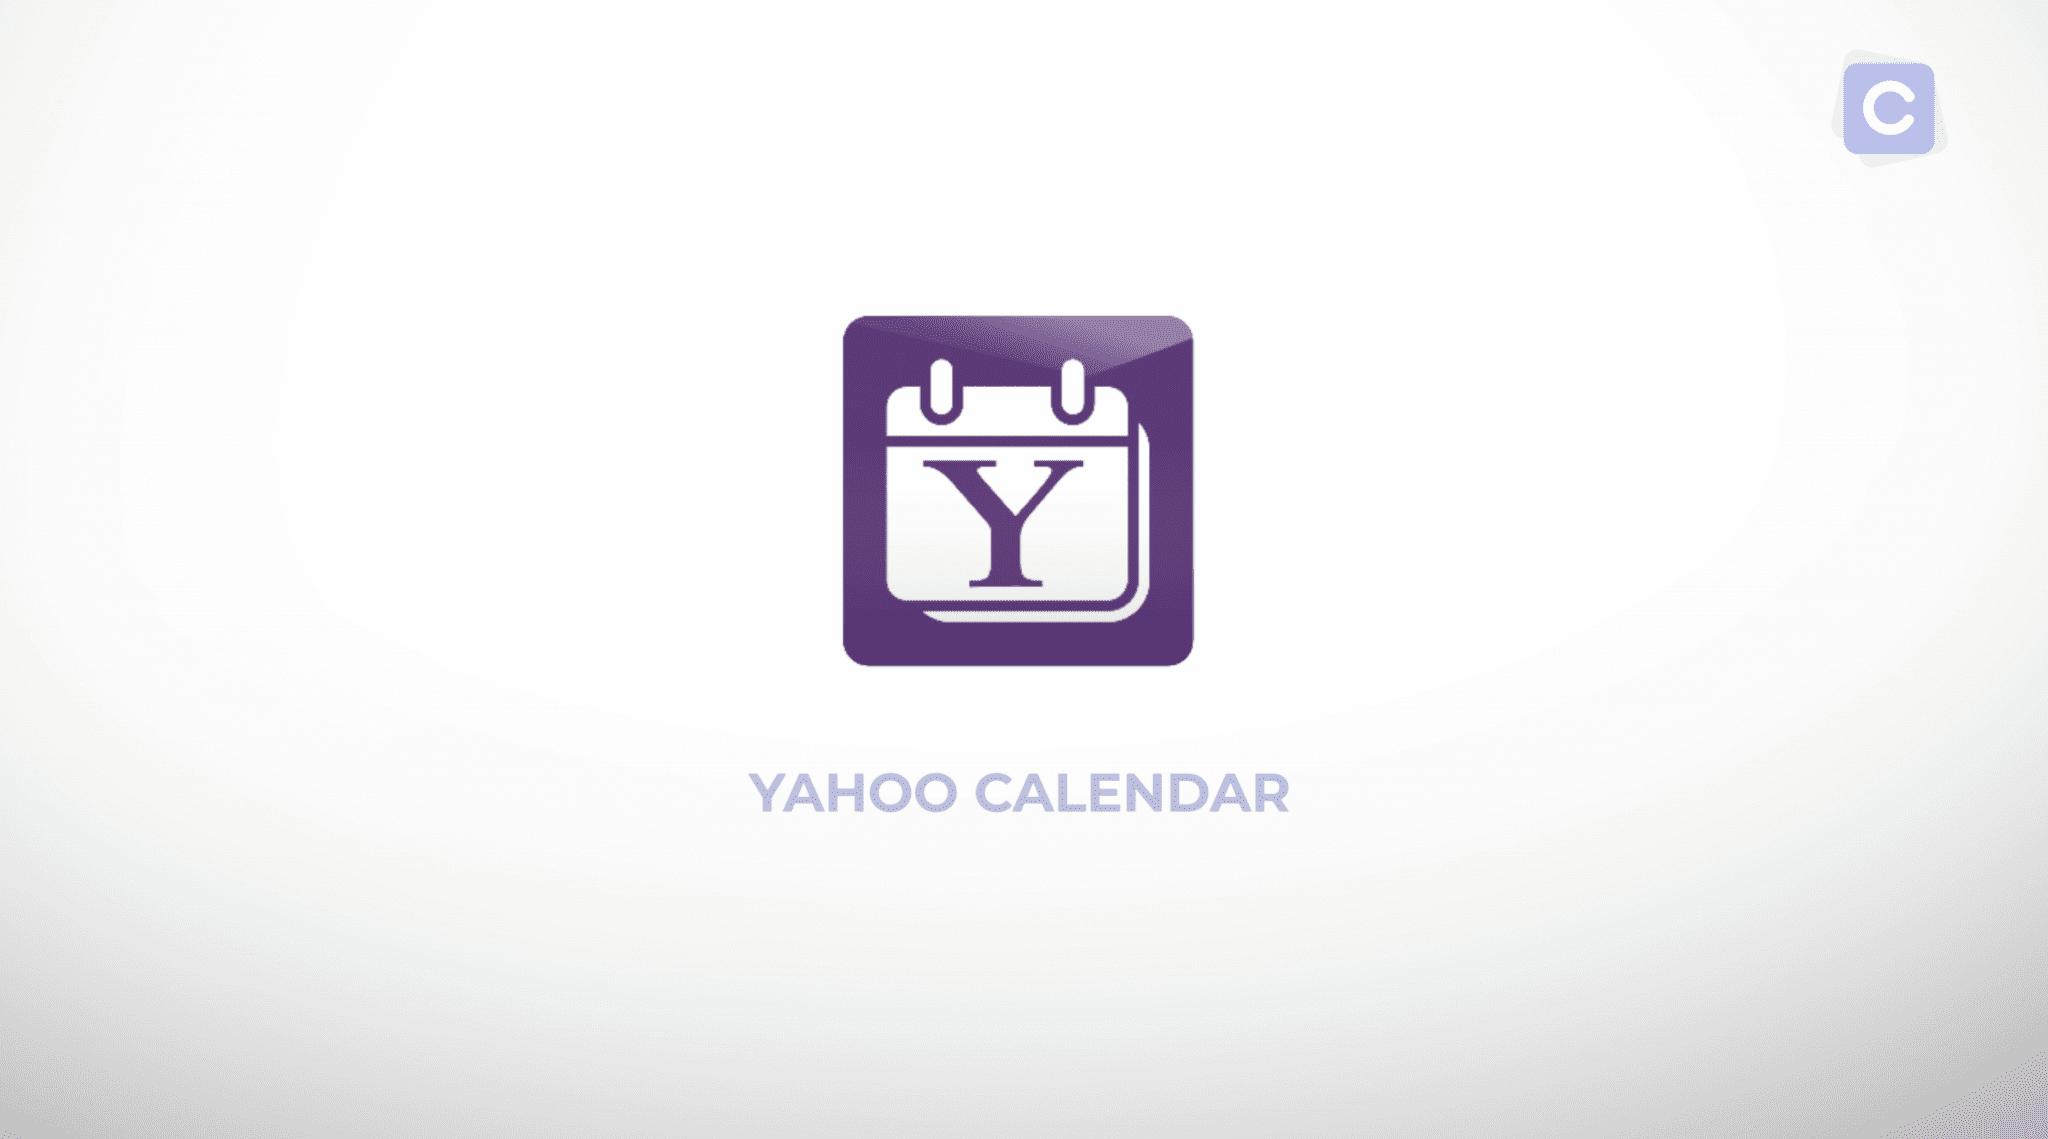 Yahoo Calendar Productivity Tip Guide – Calendar Intended For Yahoo Calendar App Android